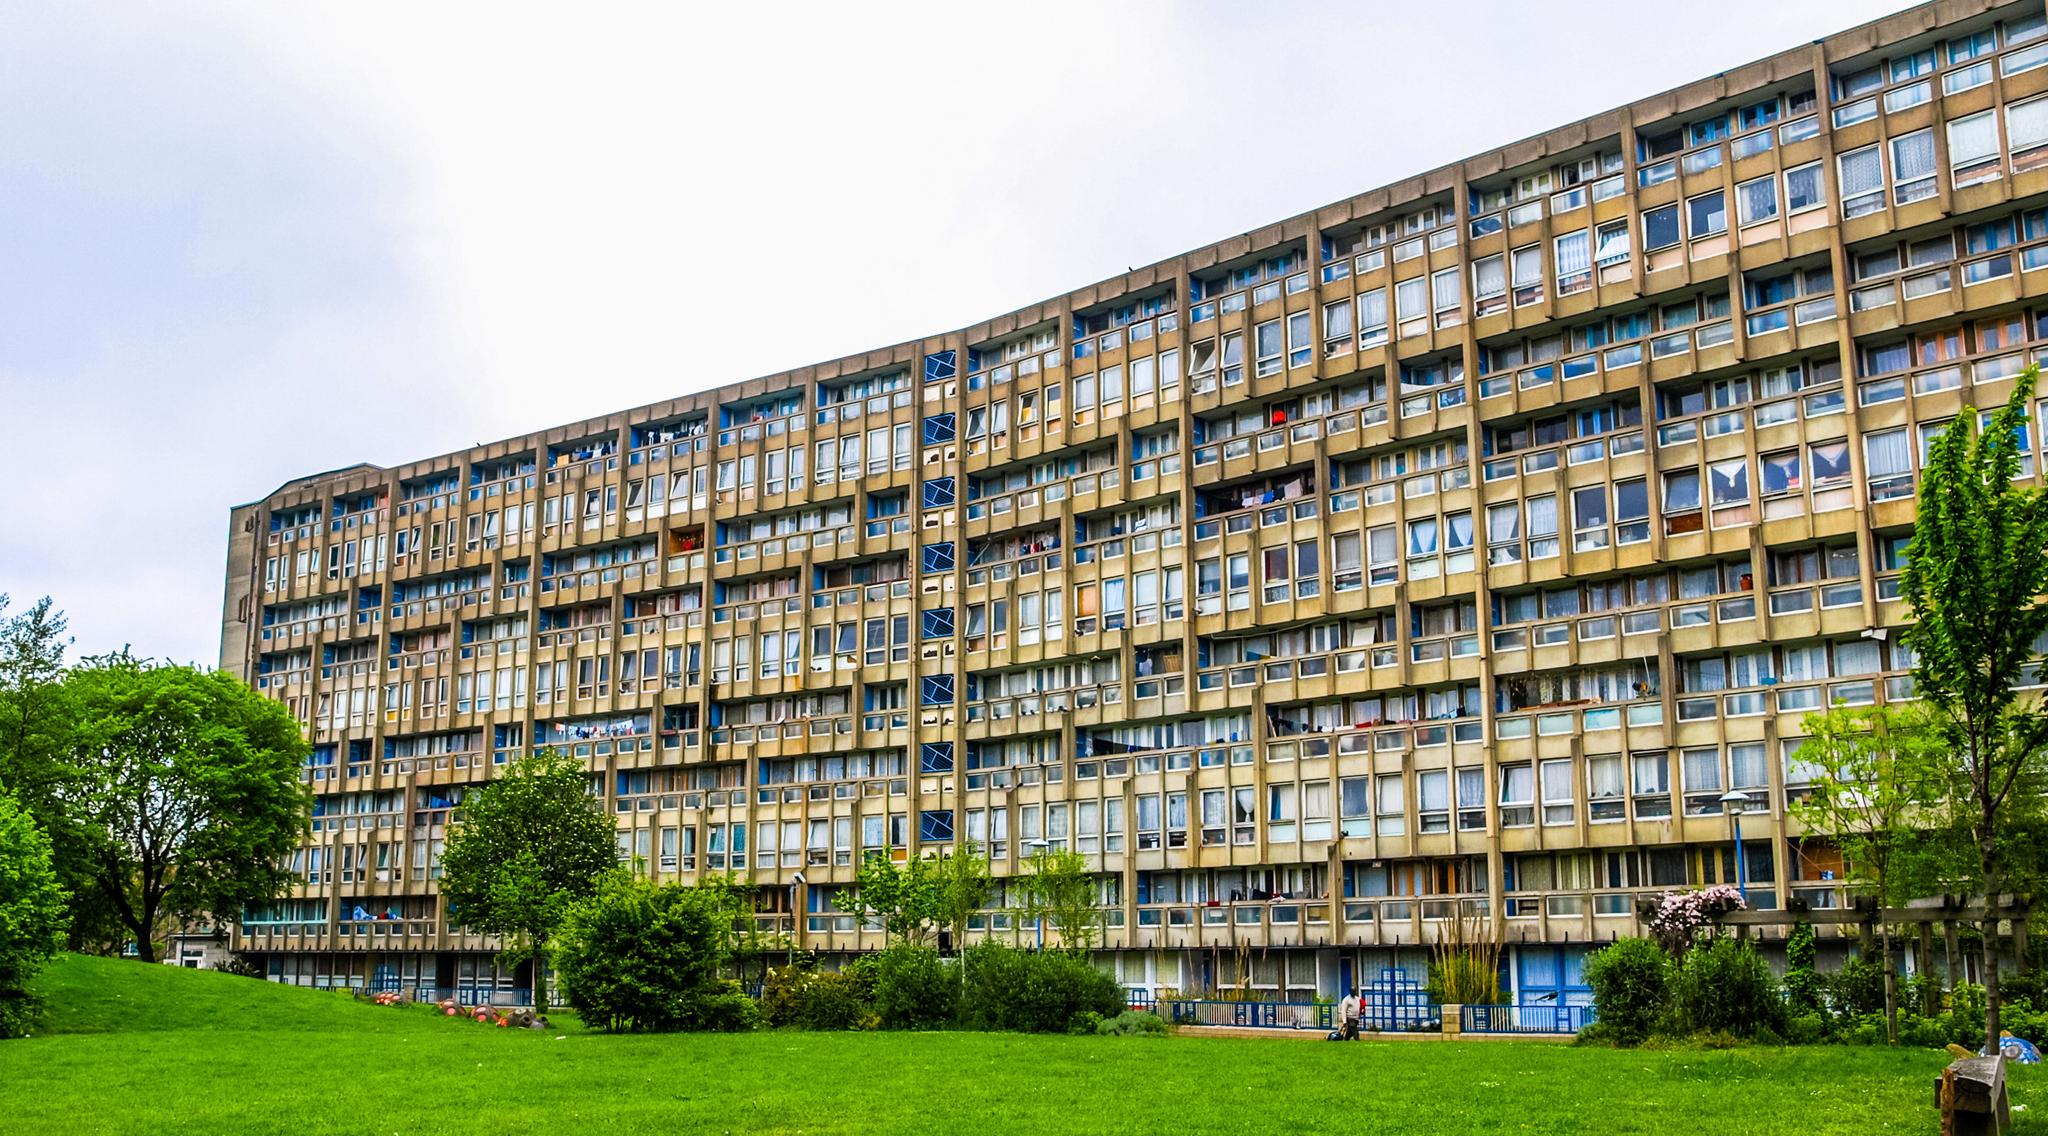 Best buildings in London: Robin Hood Gardens